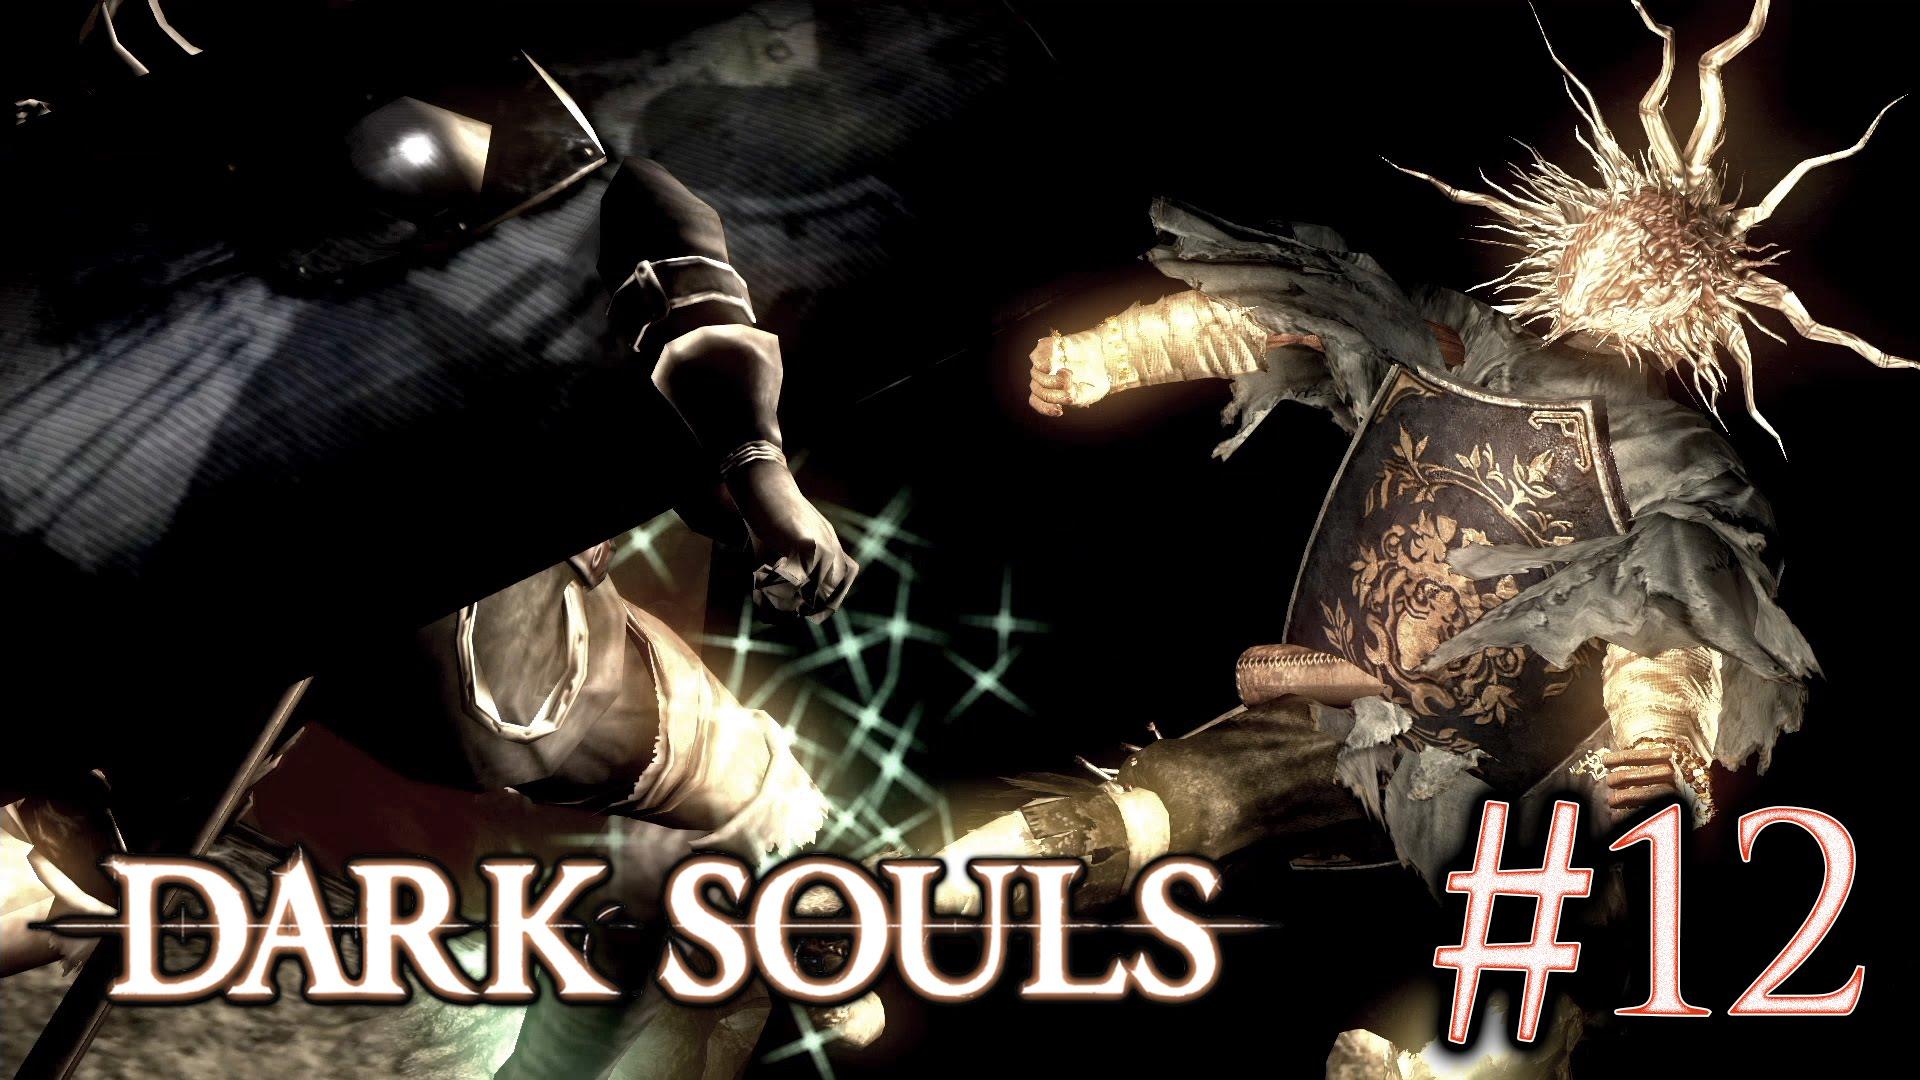 Bloodborne をクリアしてからプレイする Dark Souls #12 [PC版日本語化済]【巨人墓場編】